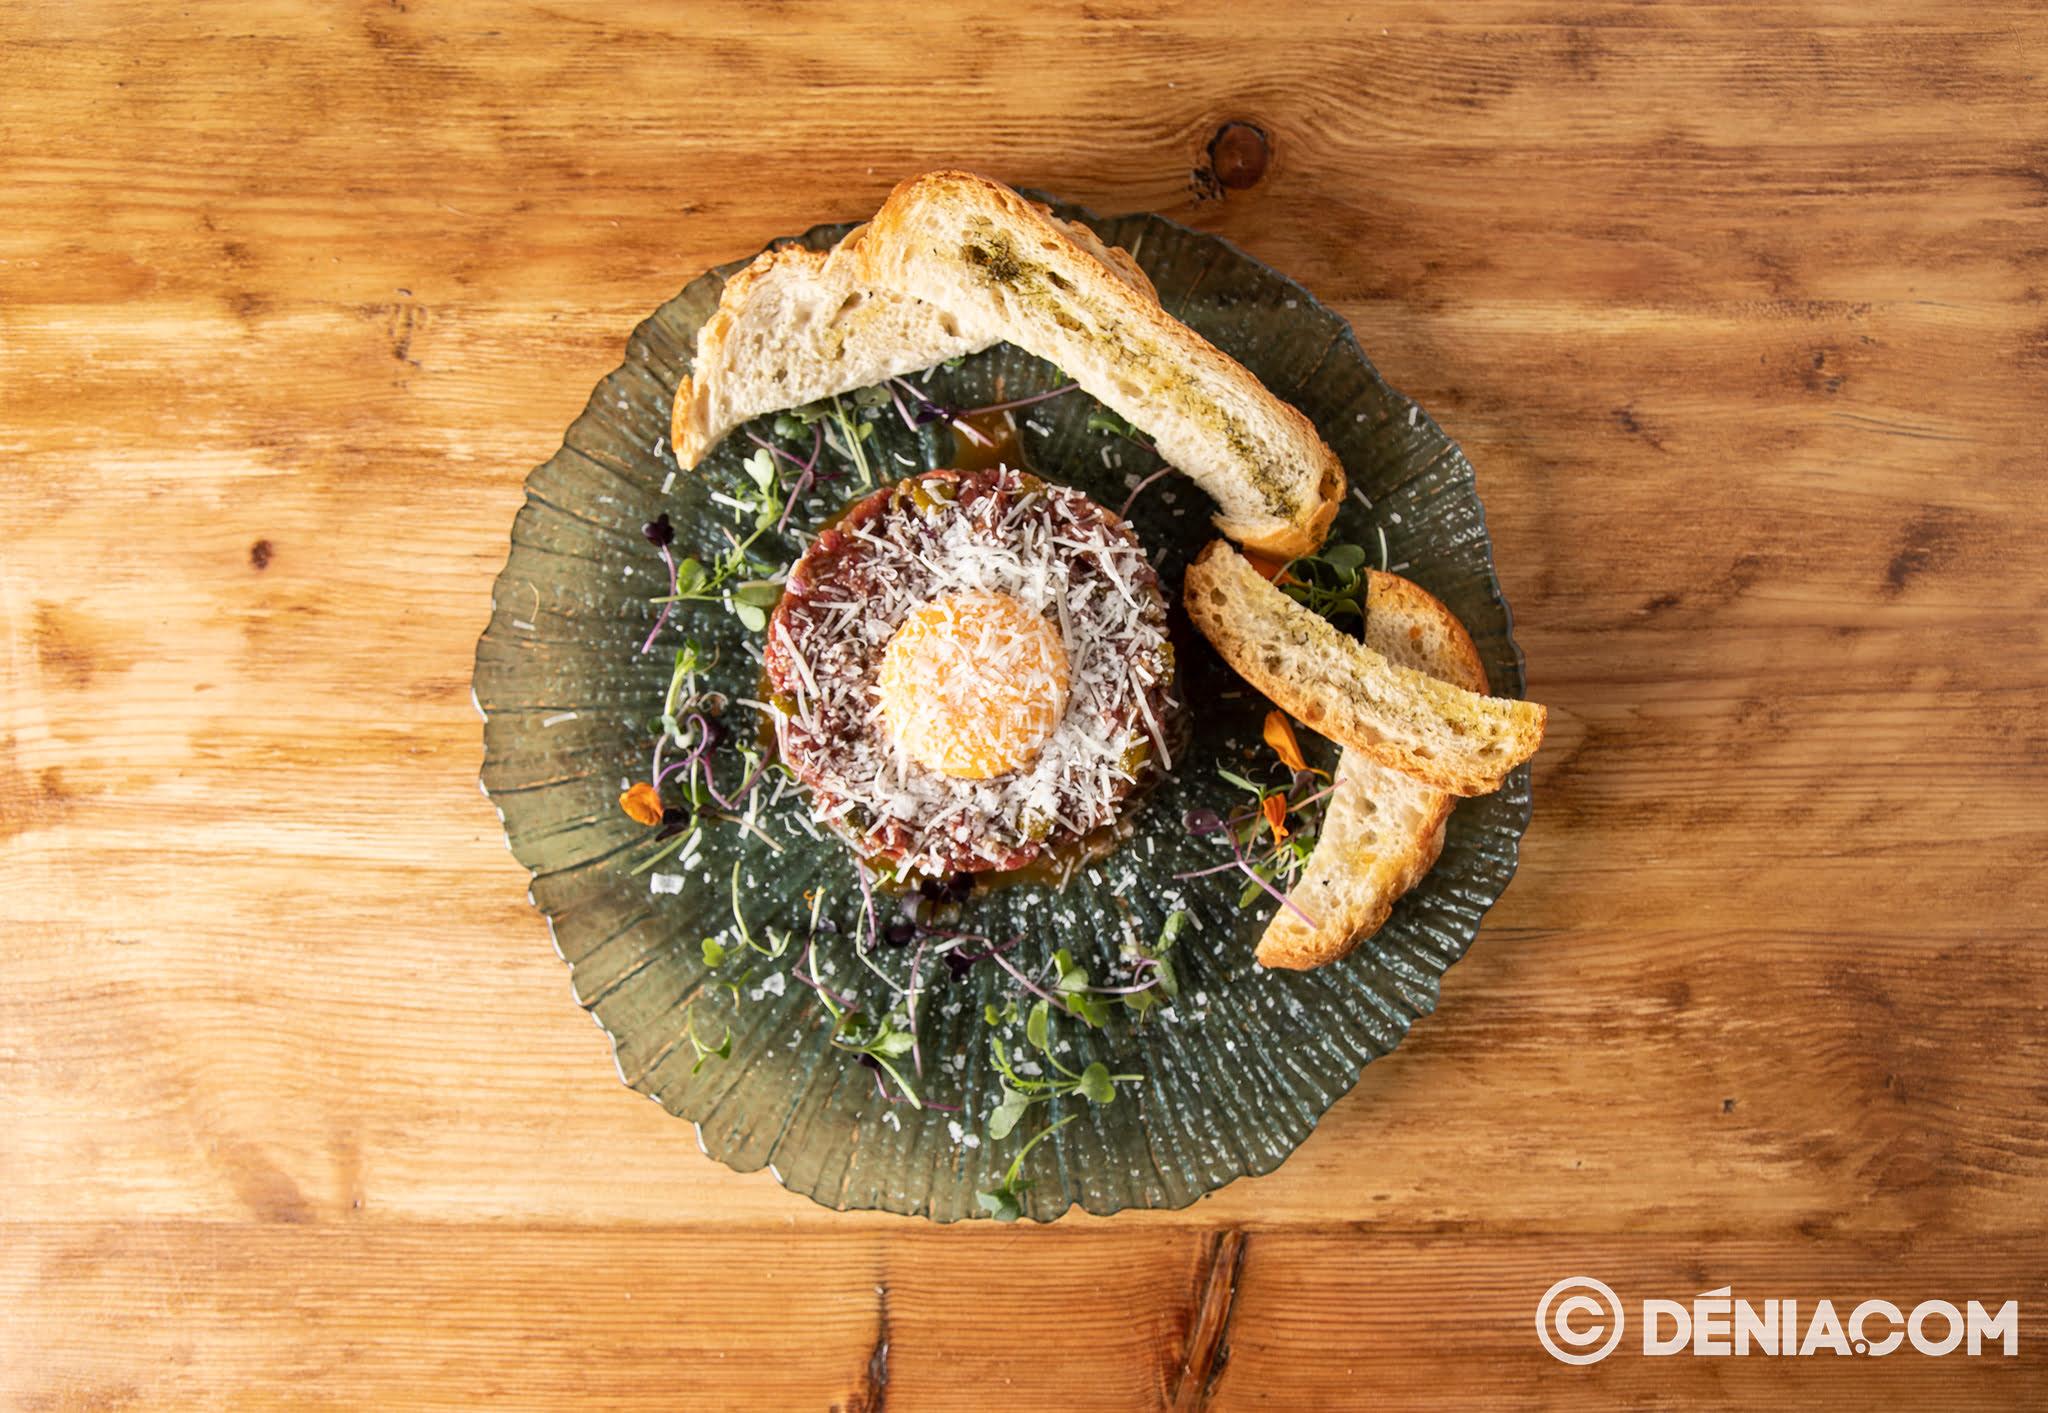 Plato con panes y queso – La Mar de Chula